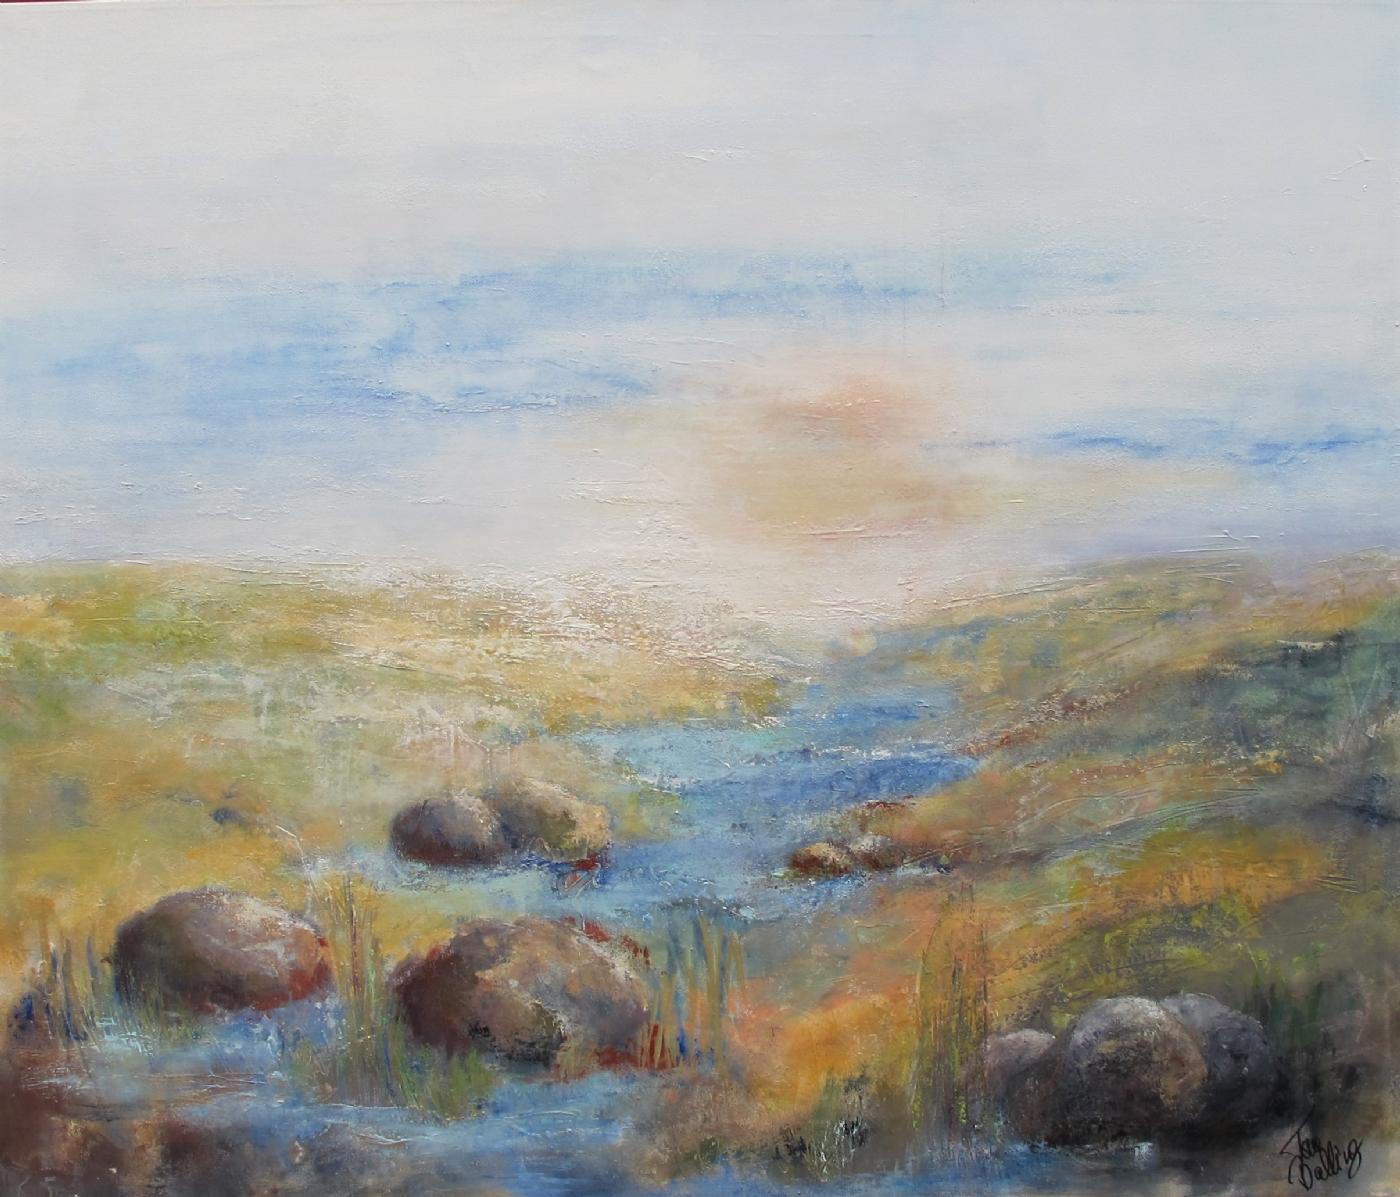 læsø landskab | Maleri